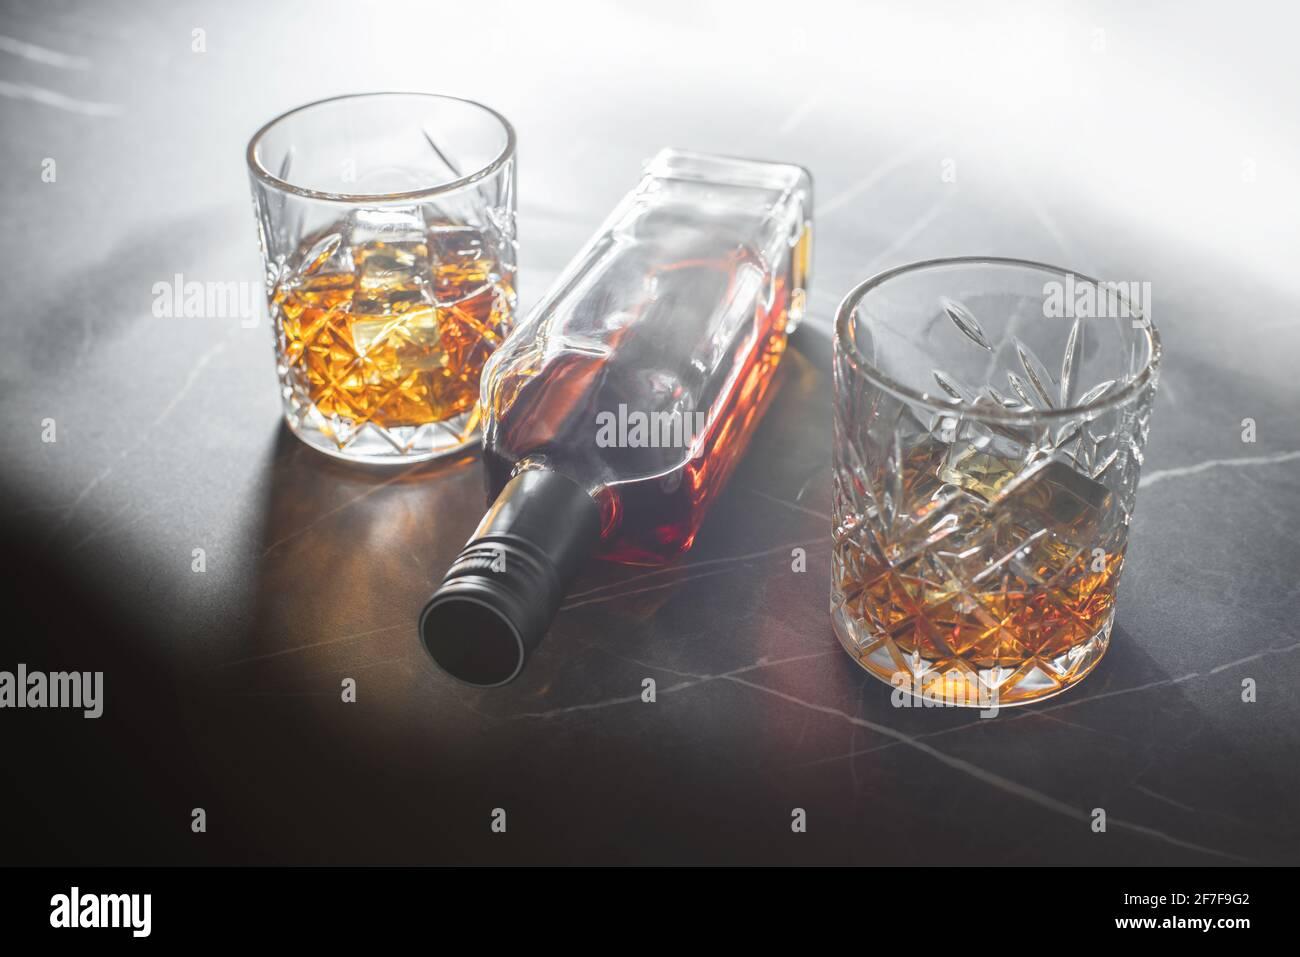 boisson alcoolisée, whisky sur fond de pierre sombre Banque D'Images